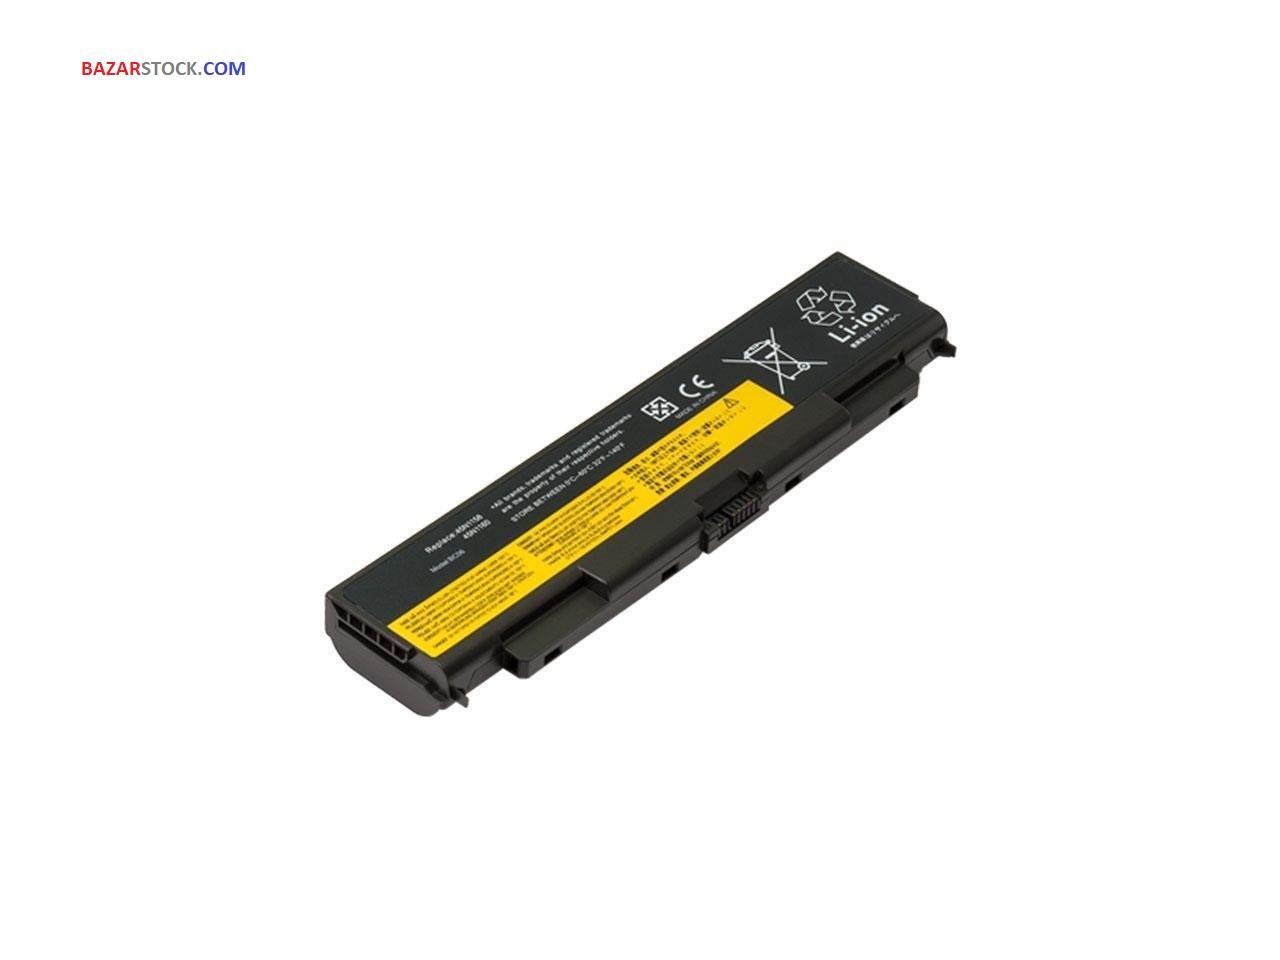 باتری لنوو 440 - LENOVO THINKPAD T440P T540